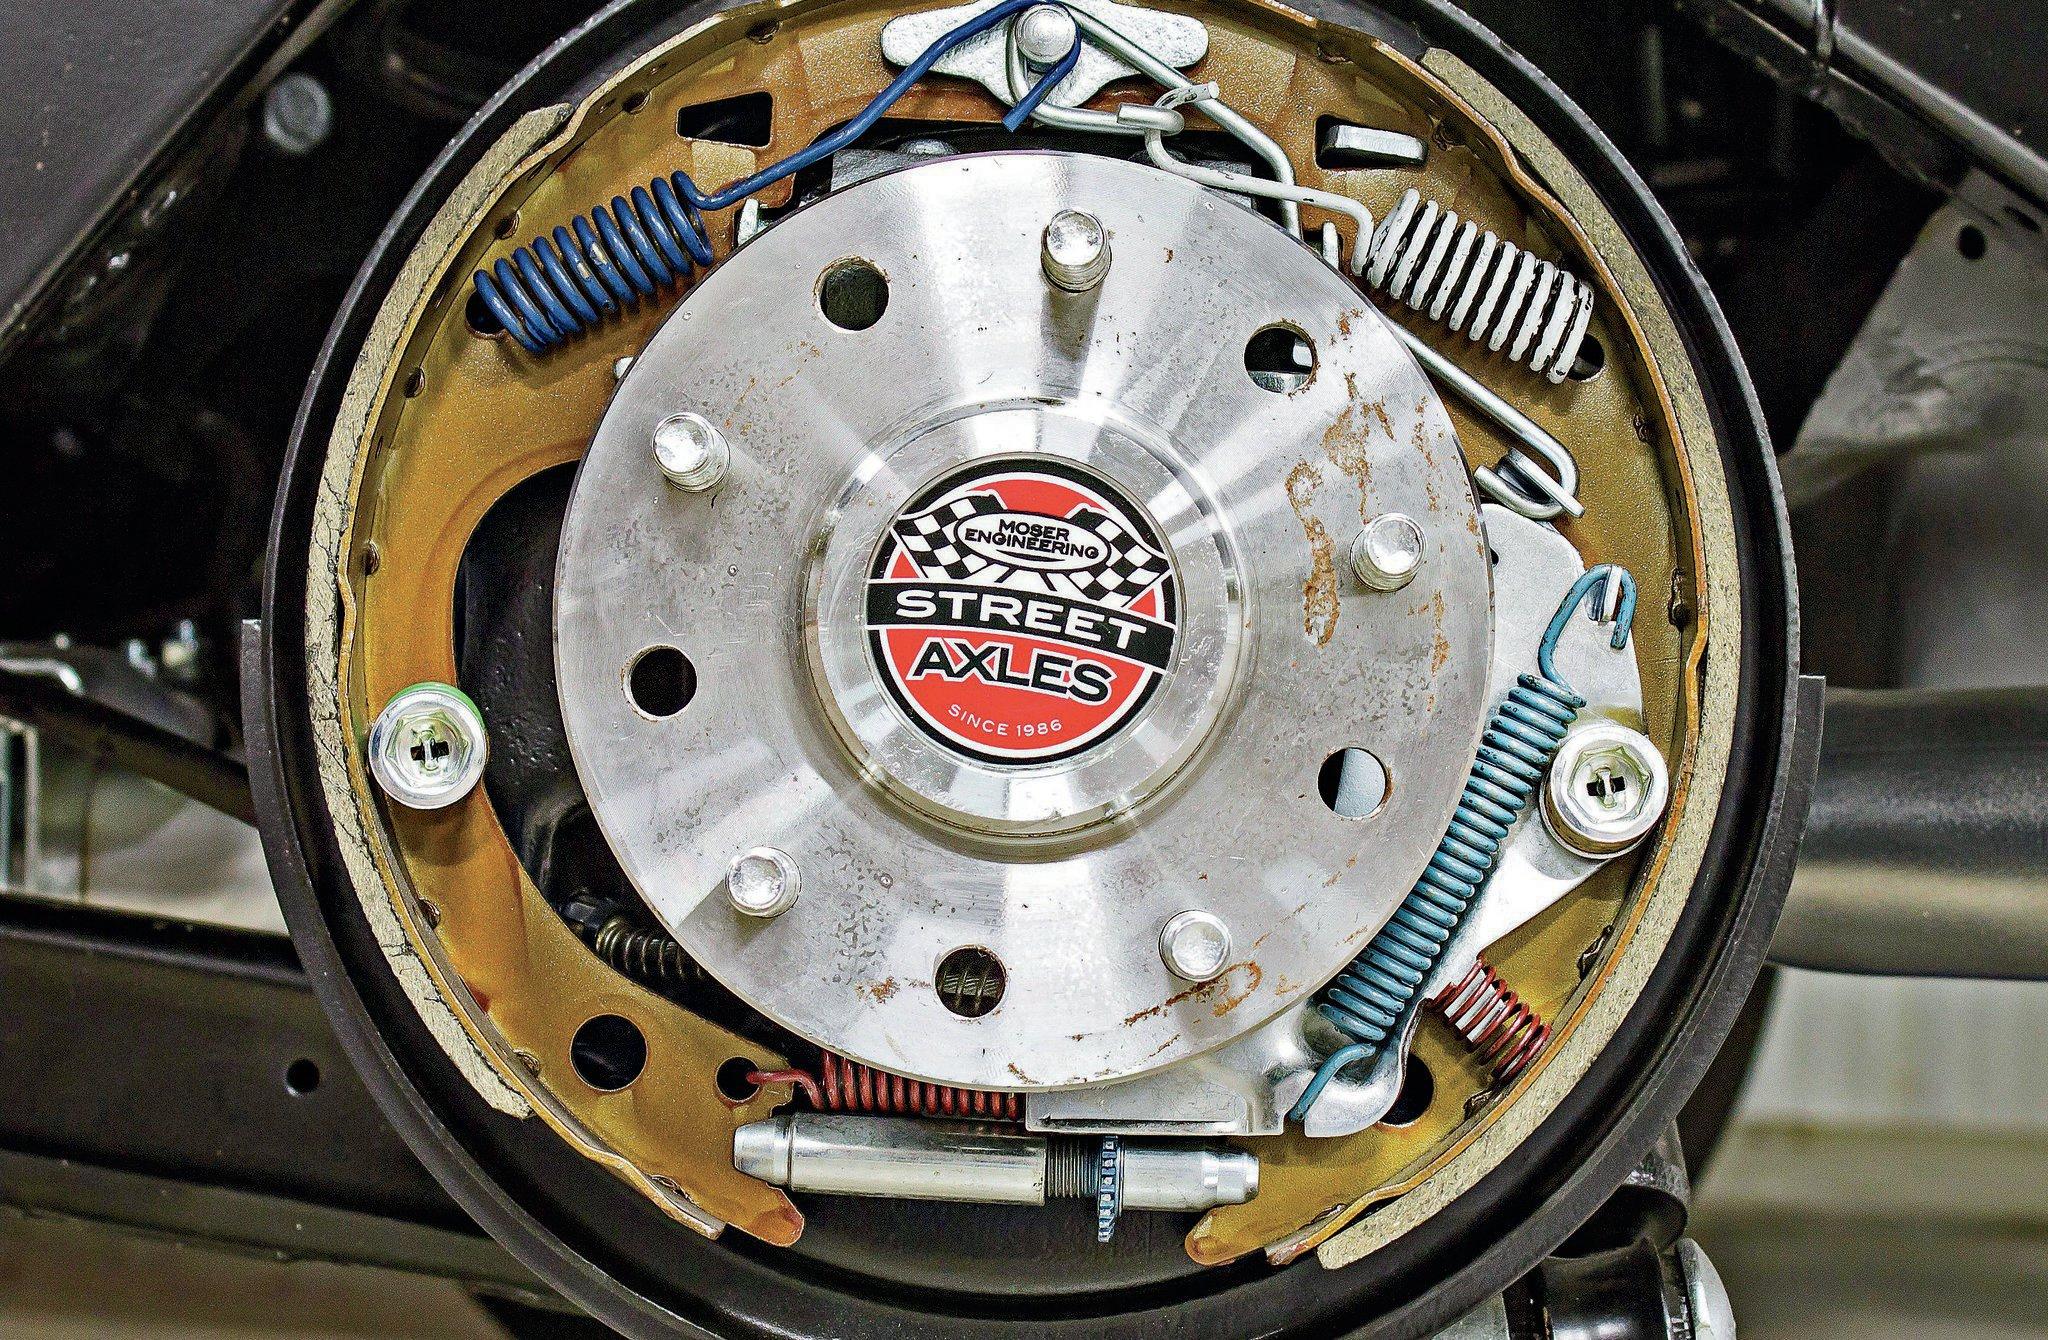 chevy drum brakes diagram 85 f150 wiring 1970 chevrolet chevelle basket case part 7